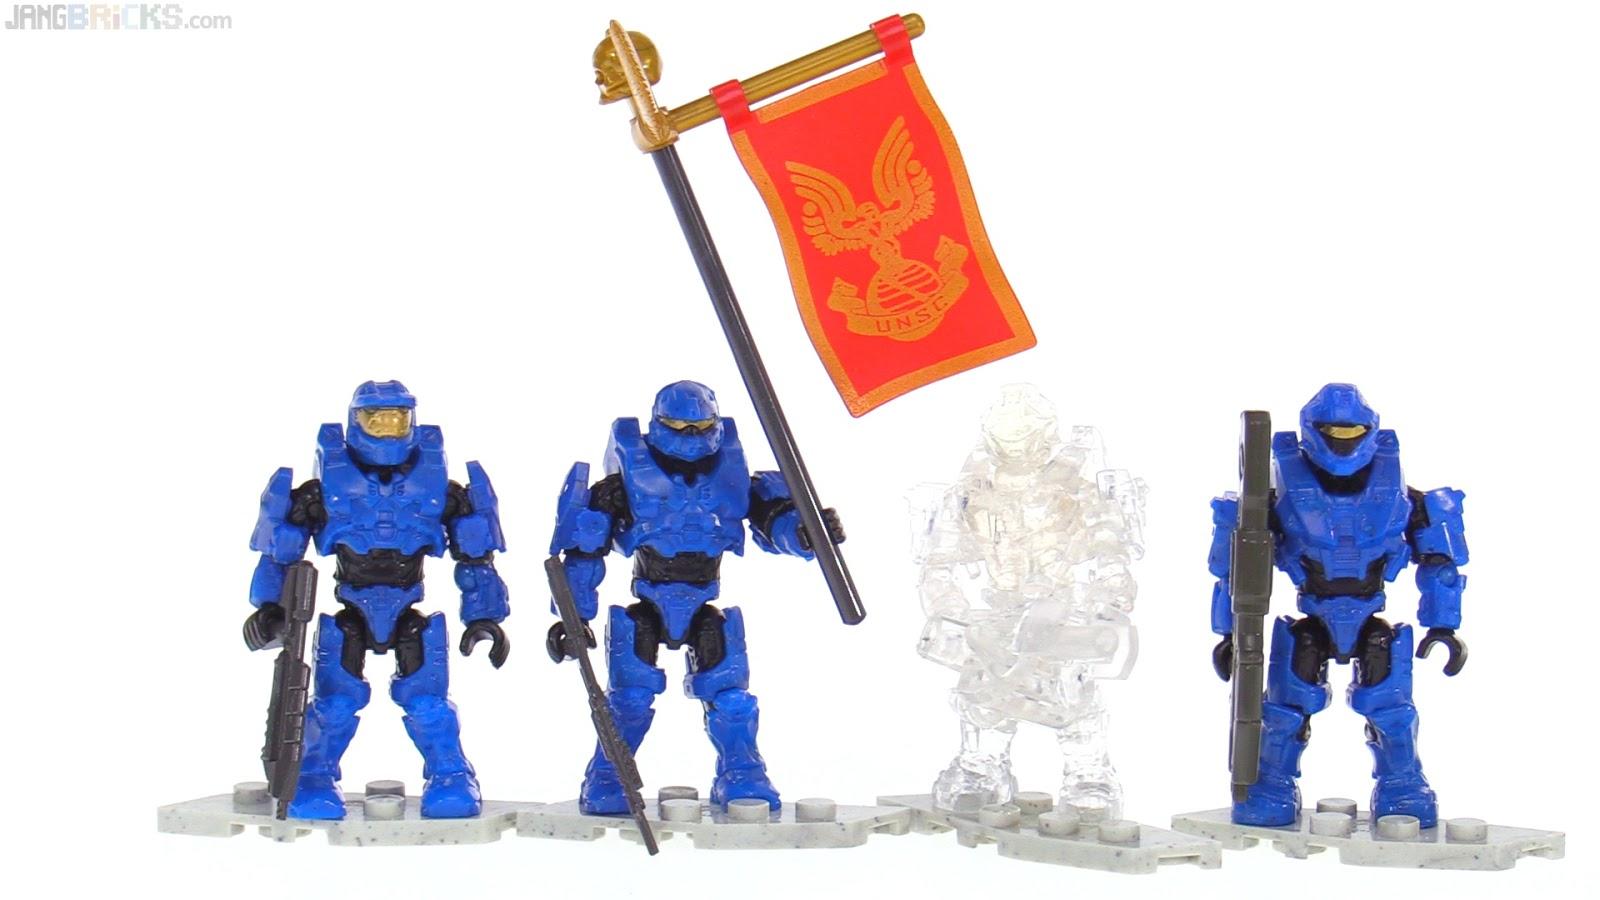 Mega Construx Halo Spartan Base Crasher Build Building Toy Set Play Fun